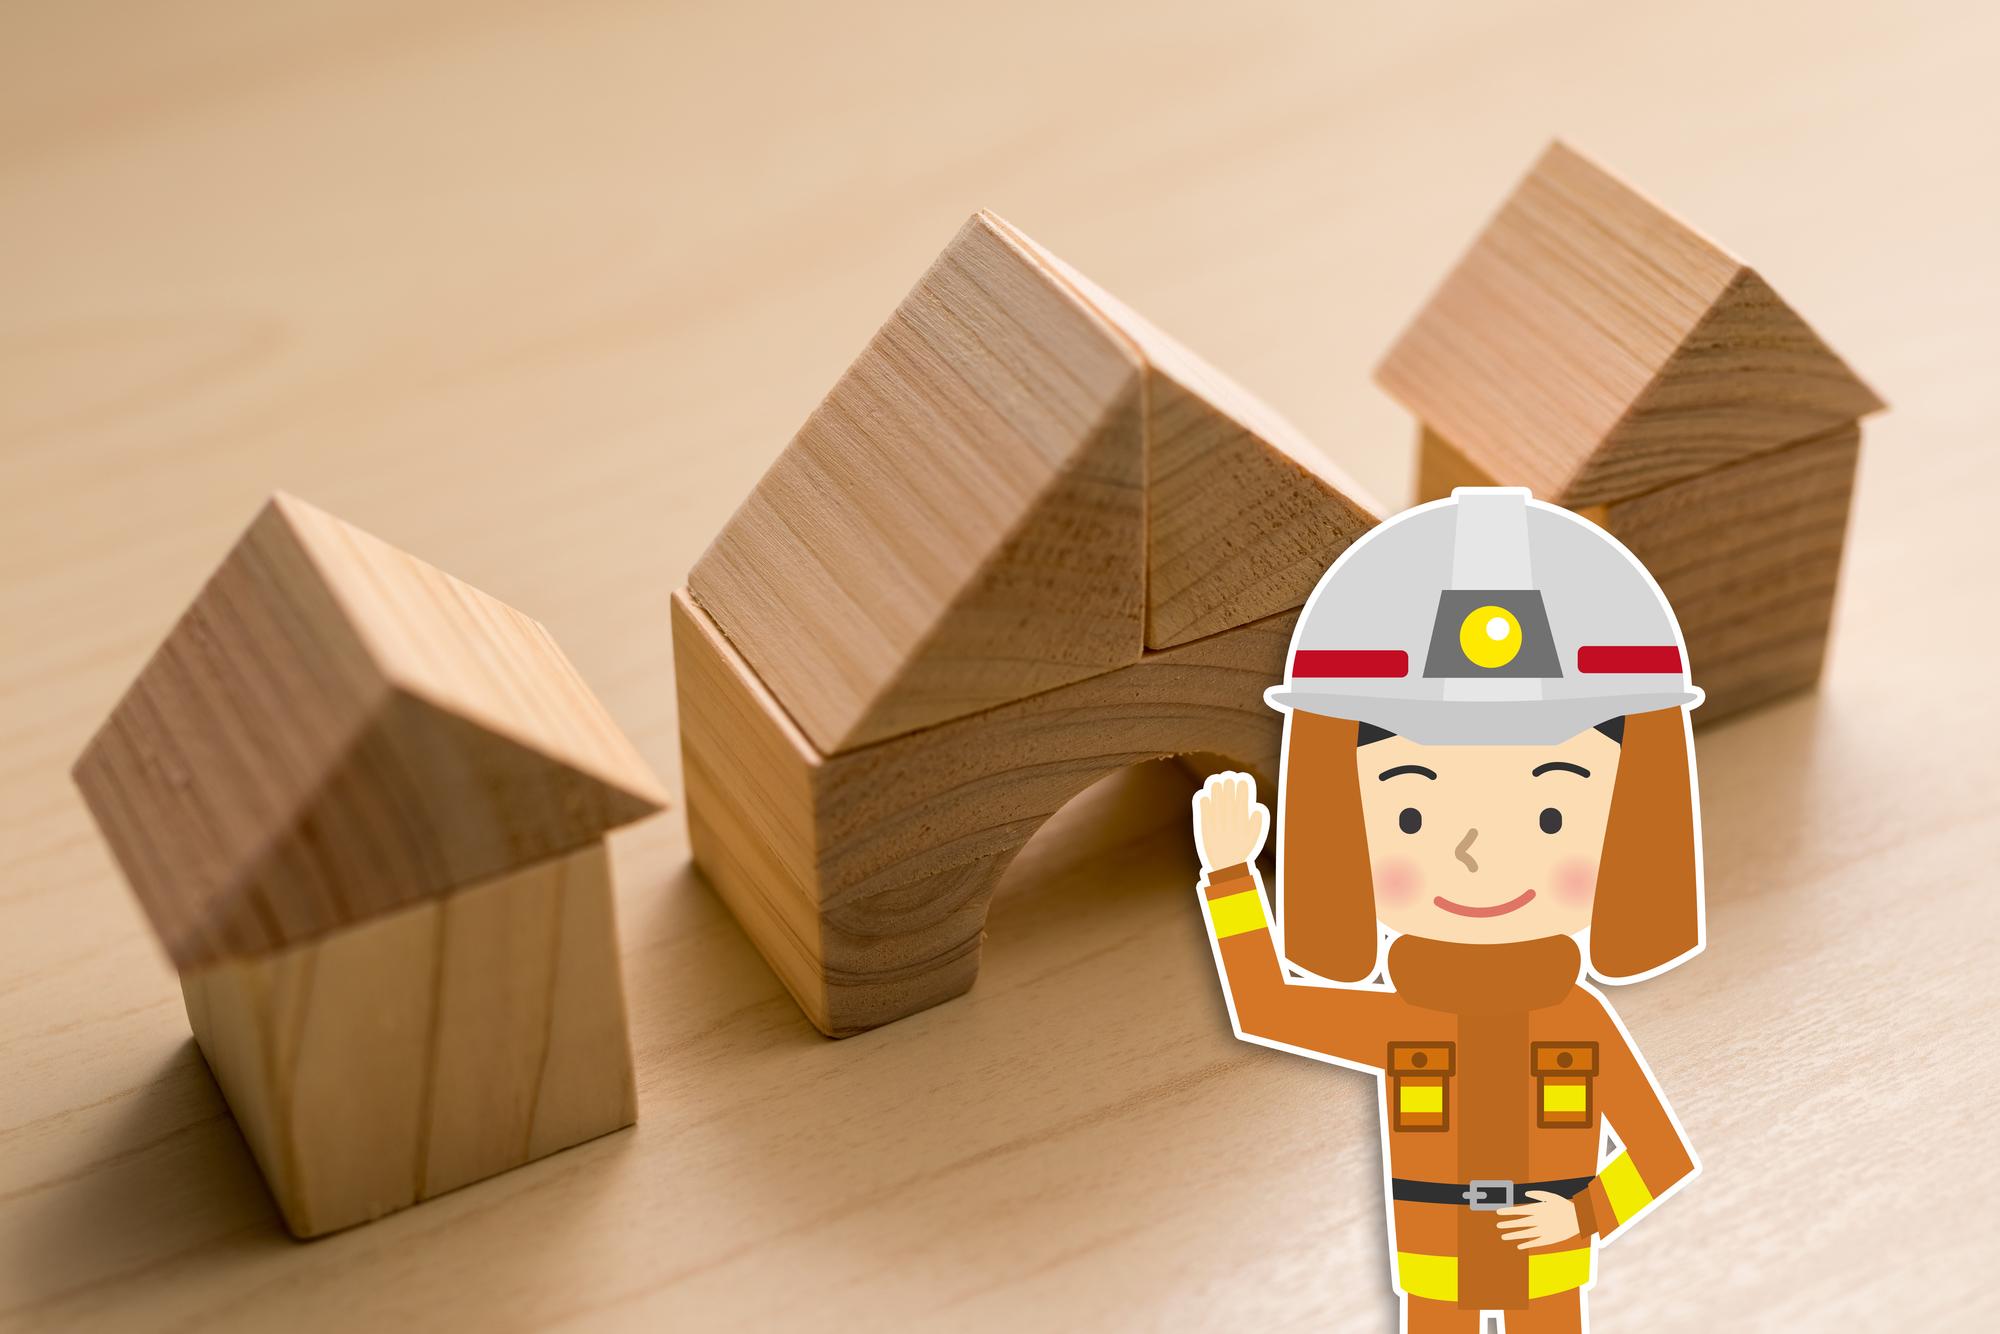 防災を意識して賃貸経営【消防点検は必ず実施しよう!】